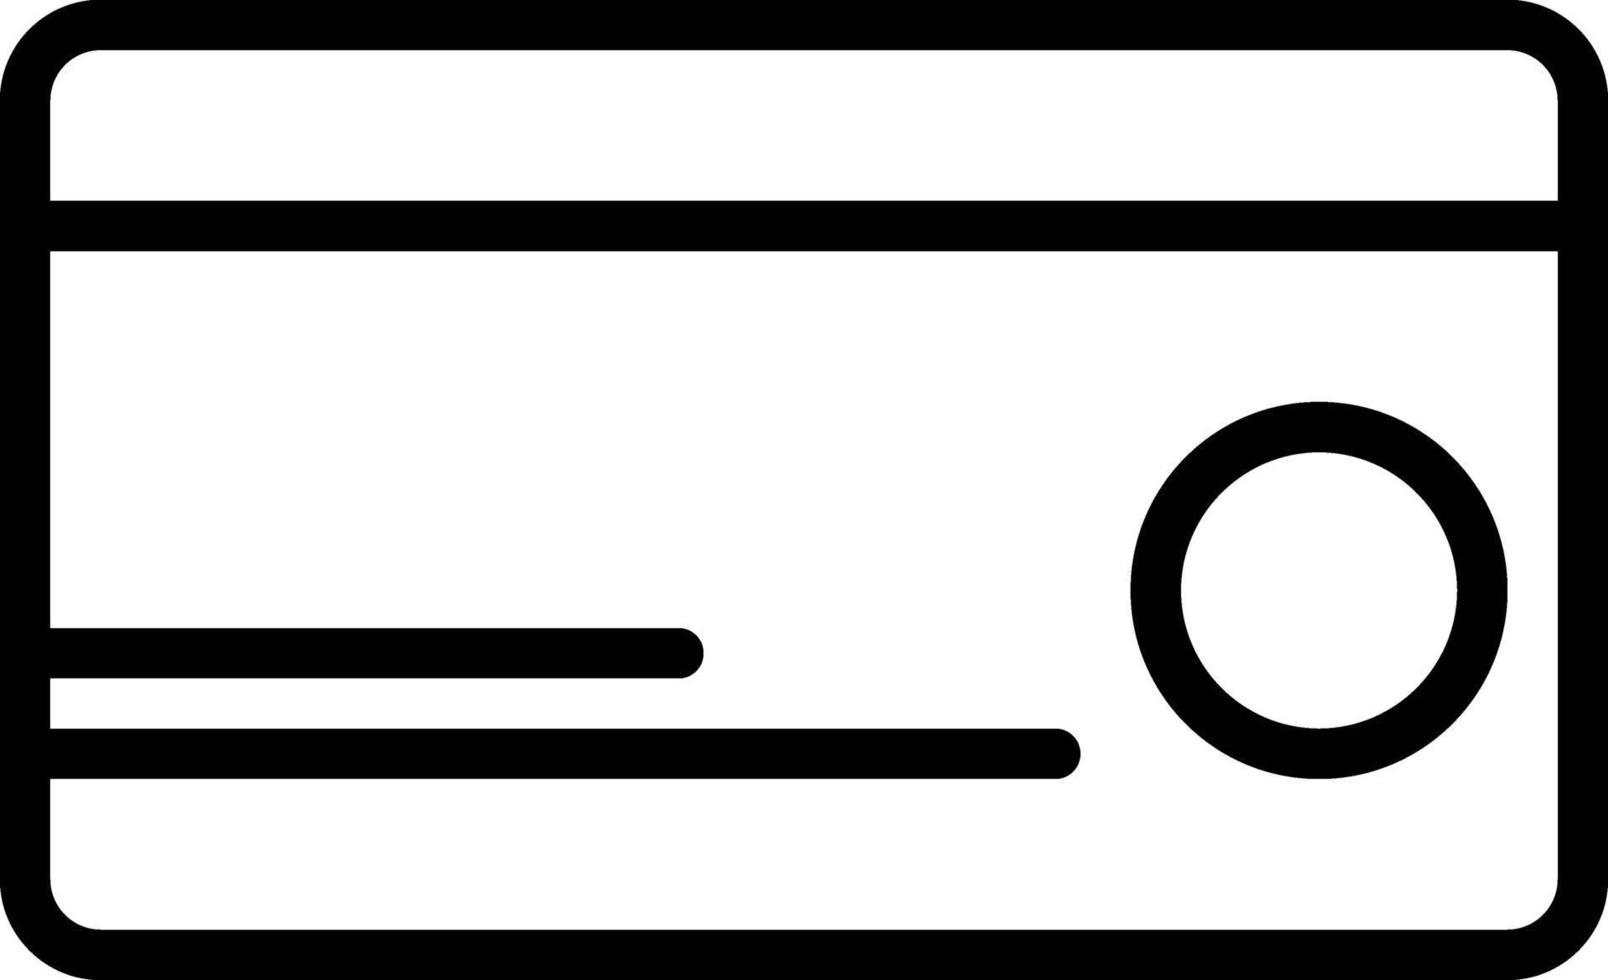 icône de la ligne pour le débit vecteur